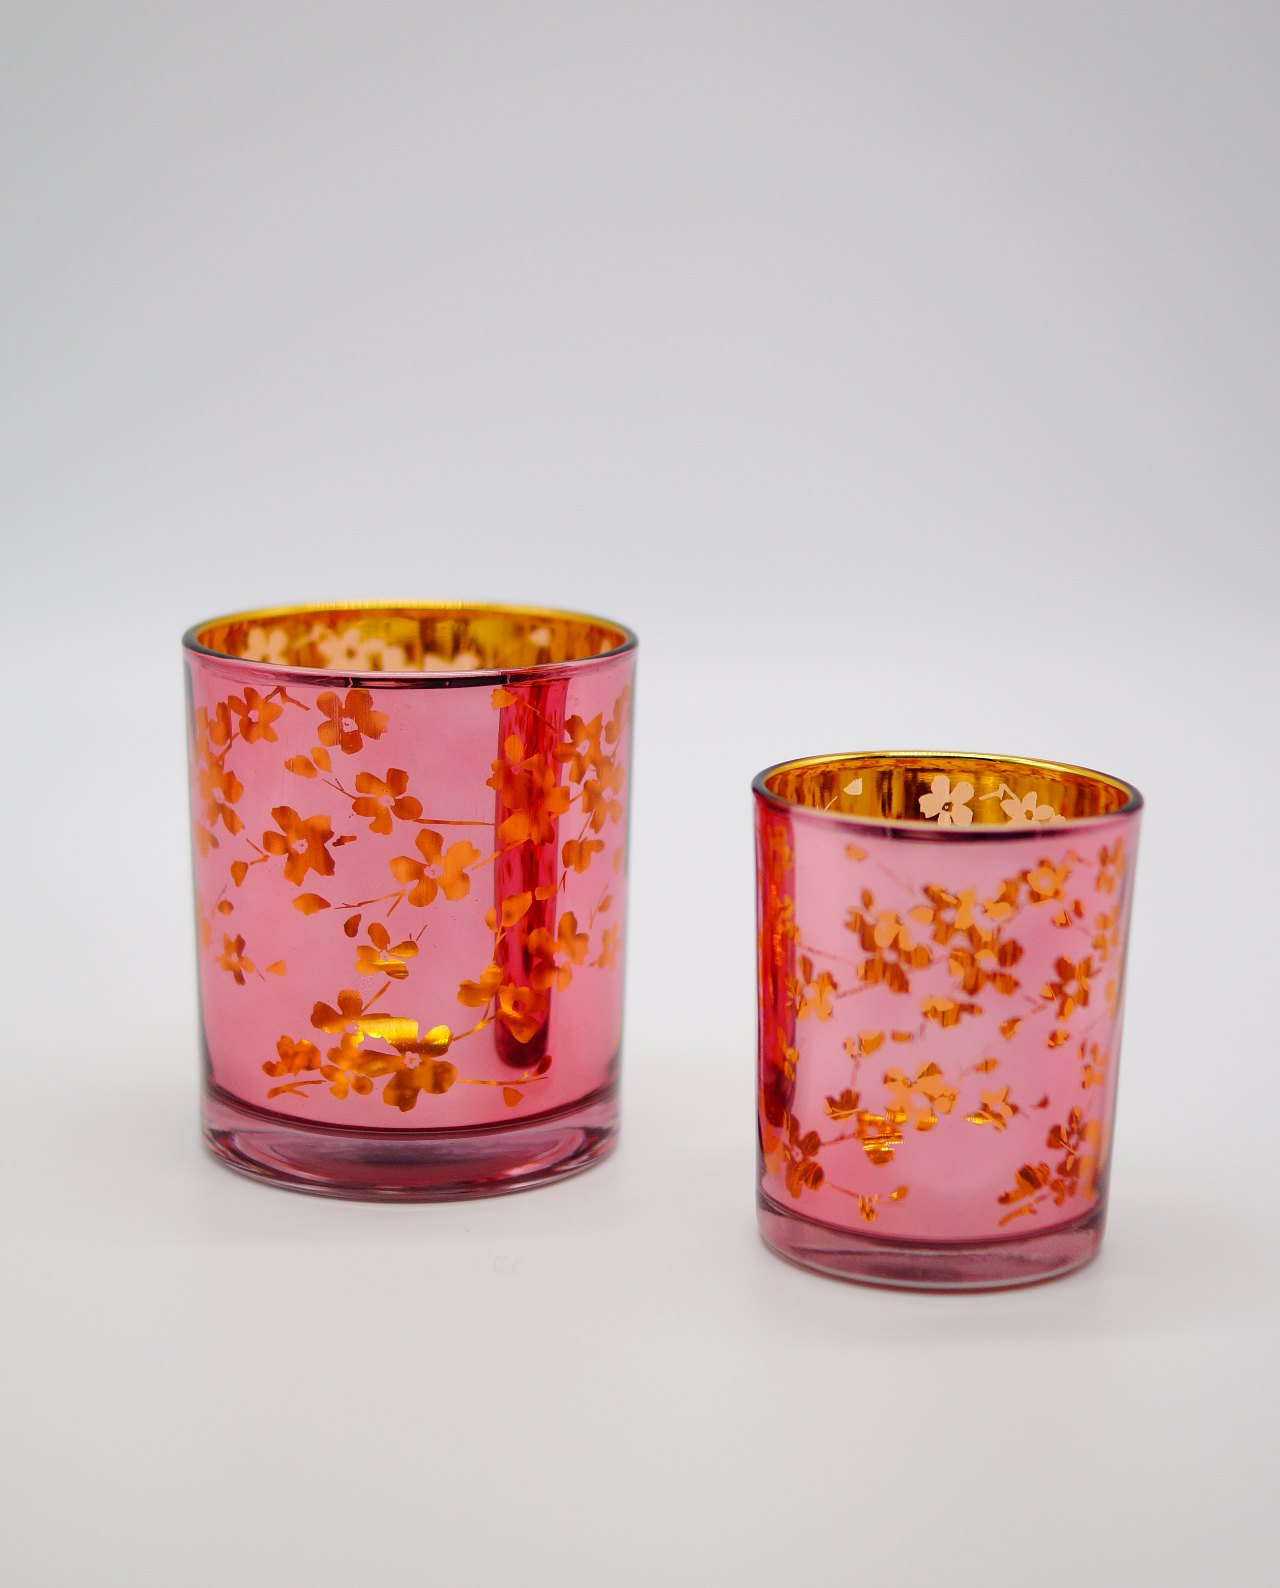 Φαναράκια σετ 2 τεμαχίων γυάλινα ροζ με εσωτερικά χρυσό με Γιαπωνέζικα λουλούδια